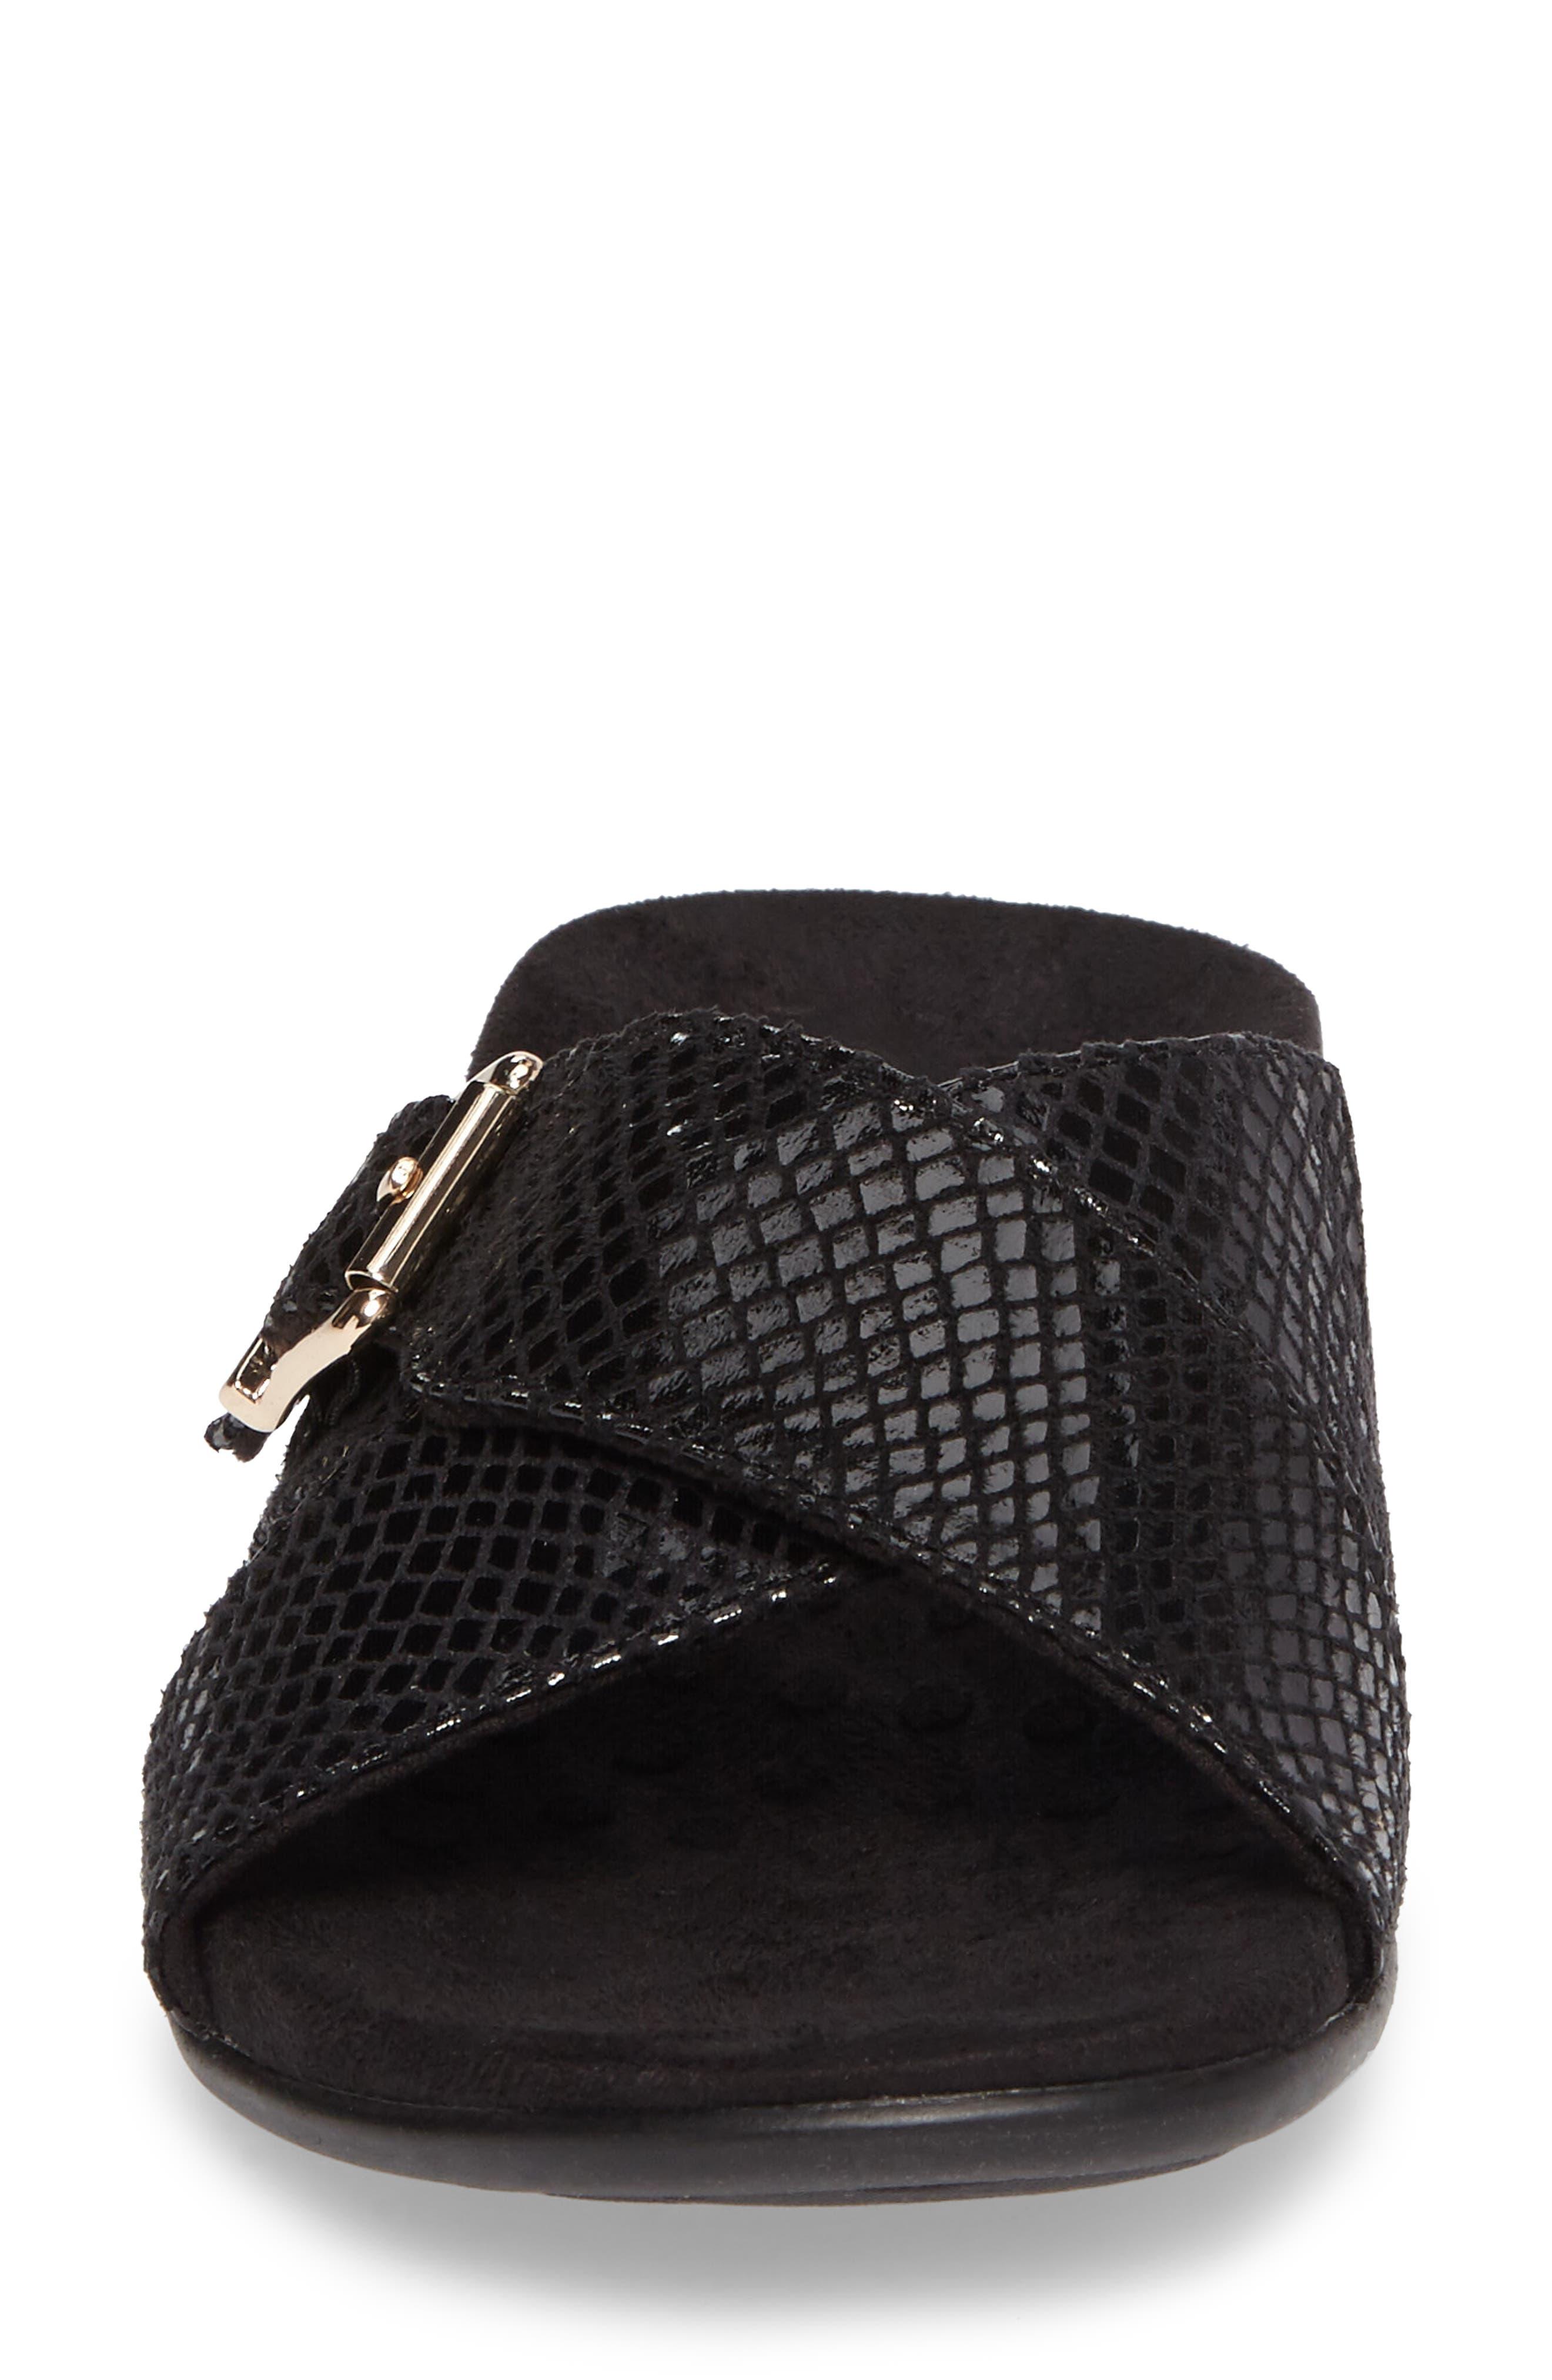 Dorie Cross Strap Slide Sandal,                             Alternate thumbnail 4, color,                             Black Snake Faux Leather